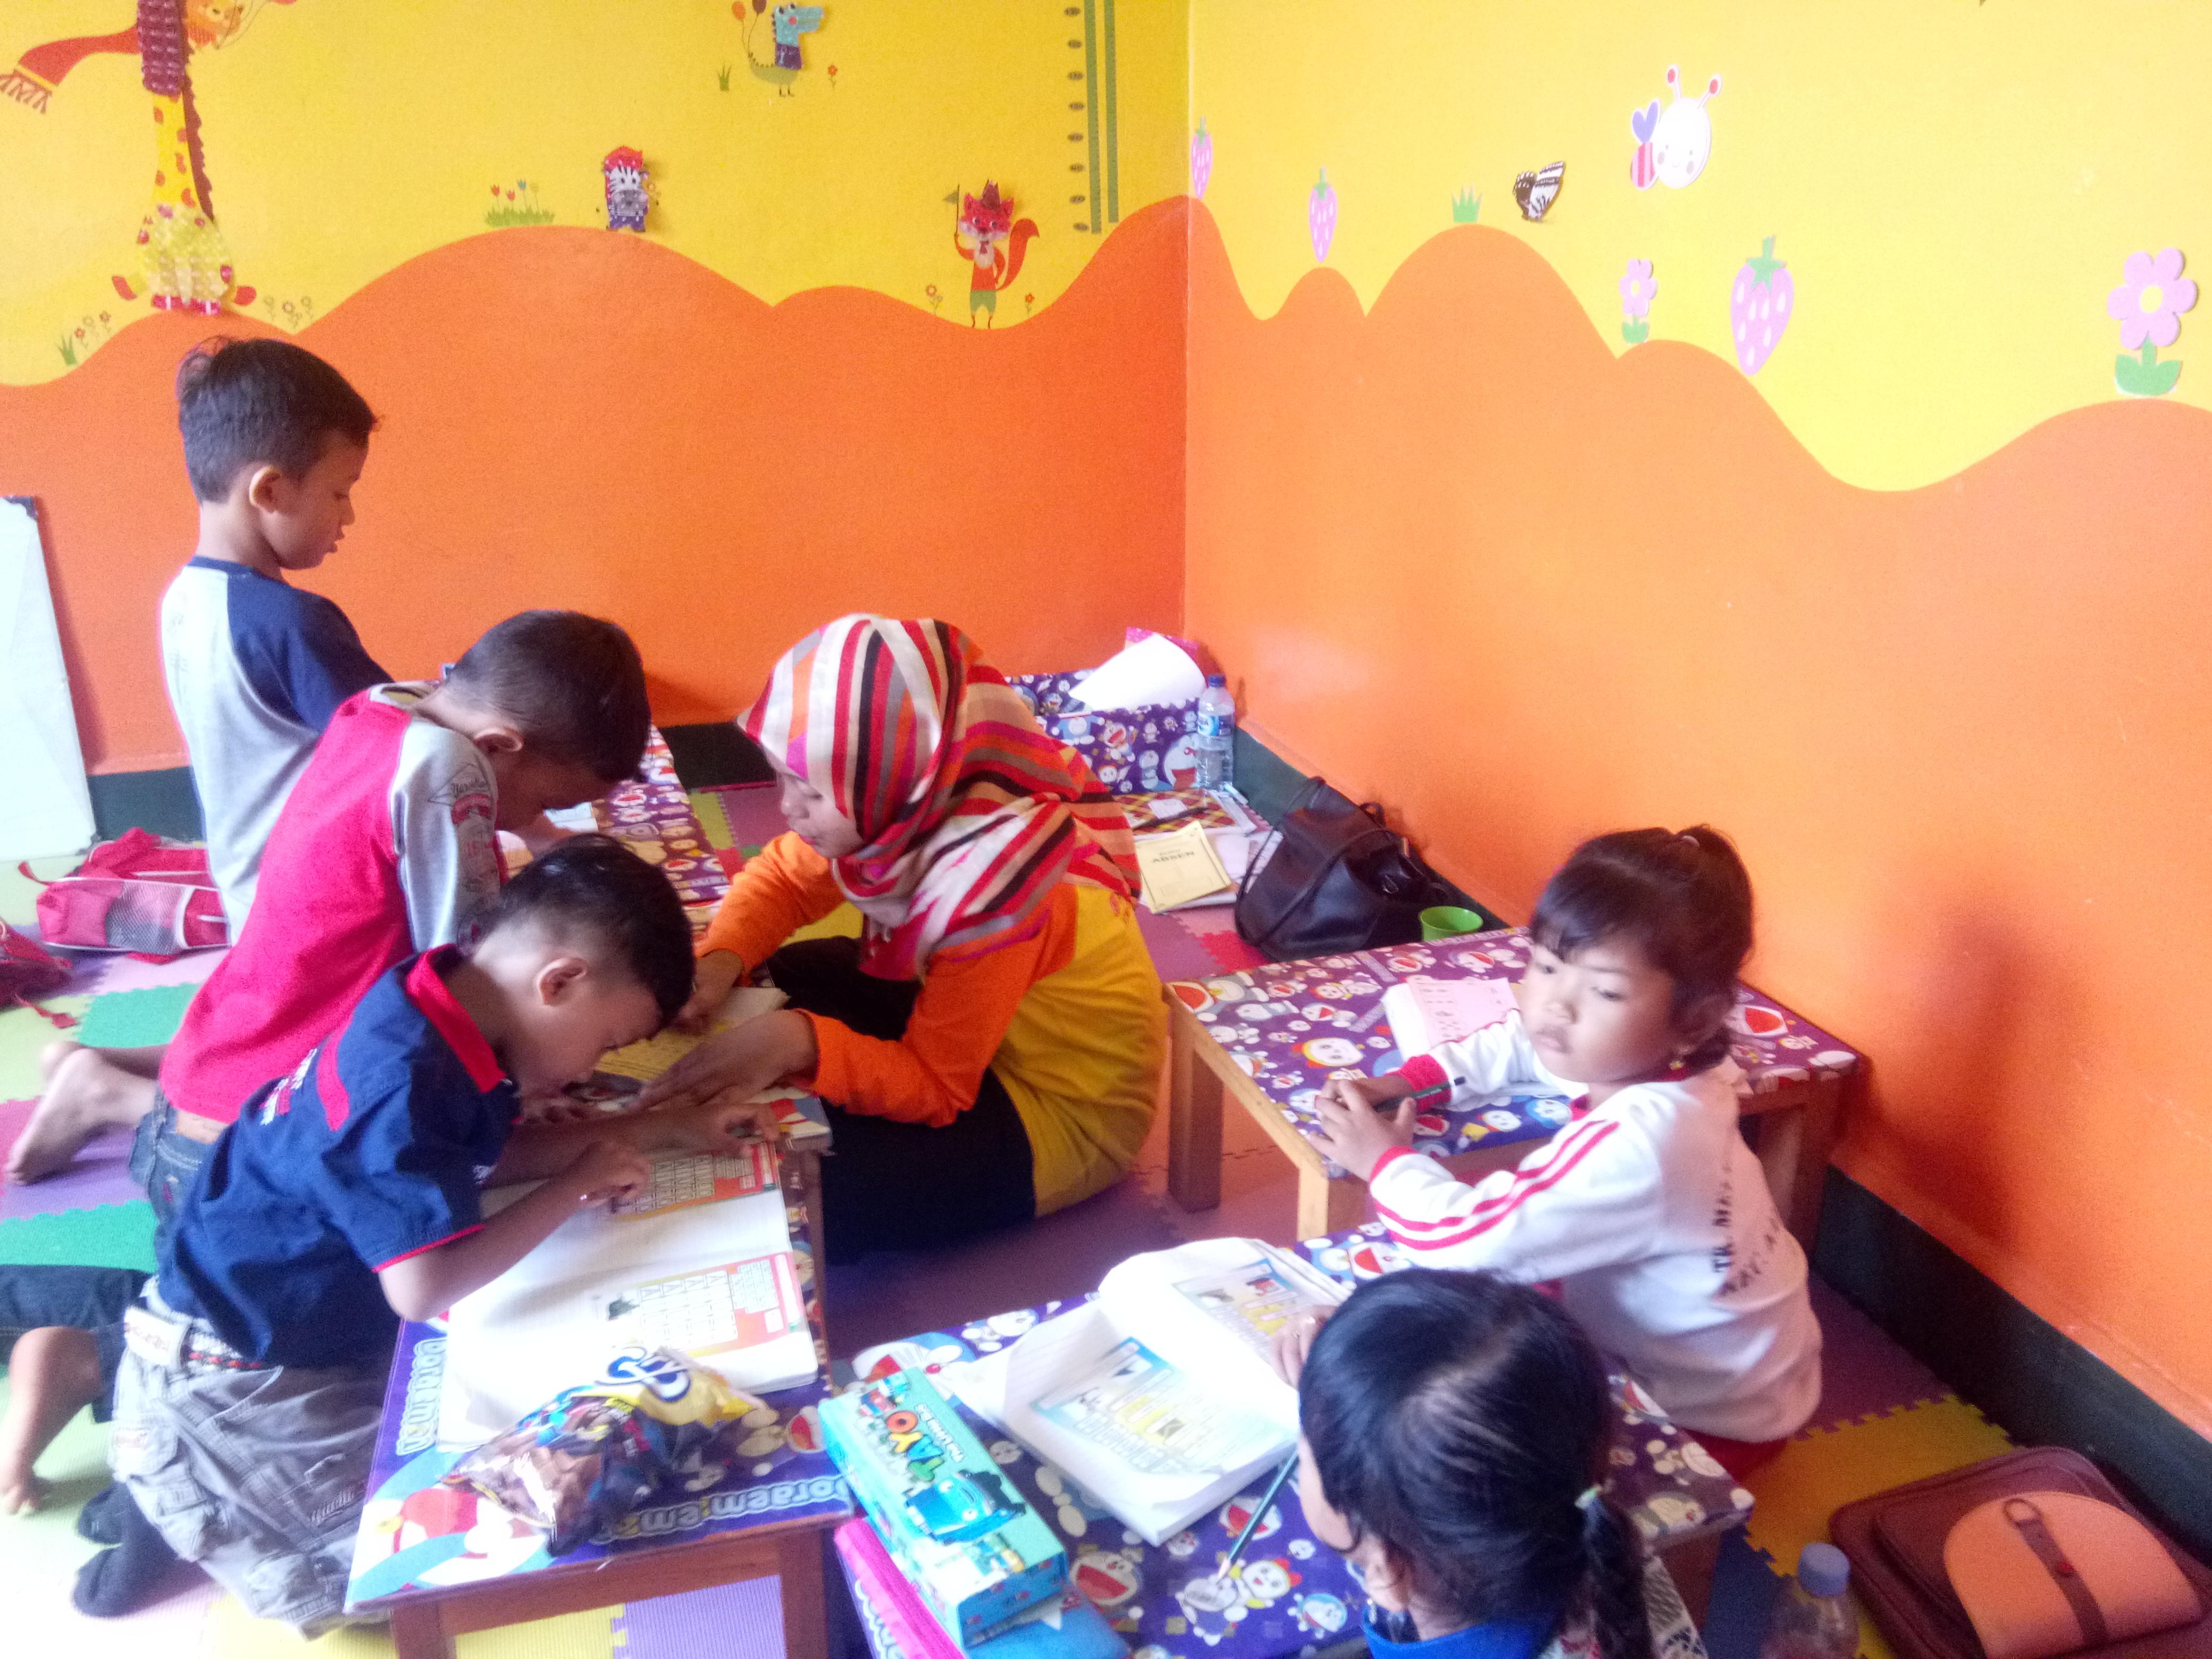 BIMBINGAN BELAJAR Sejumlah anak mengikuti bimbingan belajar di Yayasan PAUD Bimbam Kalijati INDRAWAN PASUNDAN EKSPRES